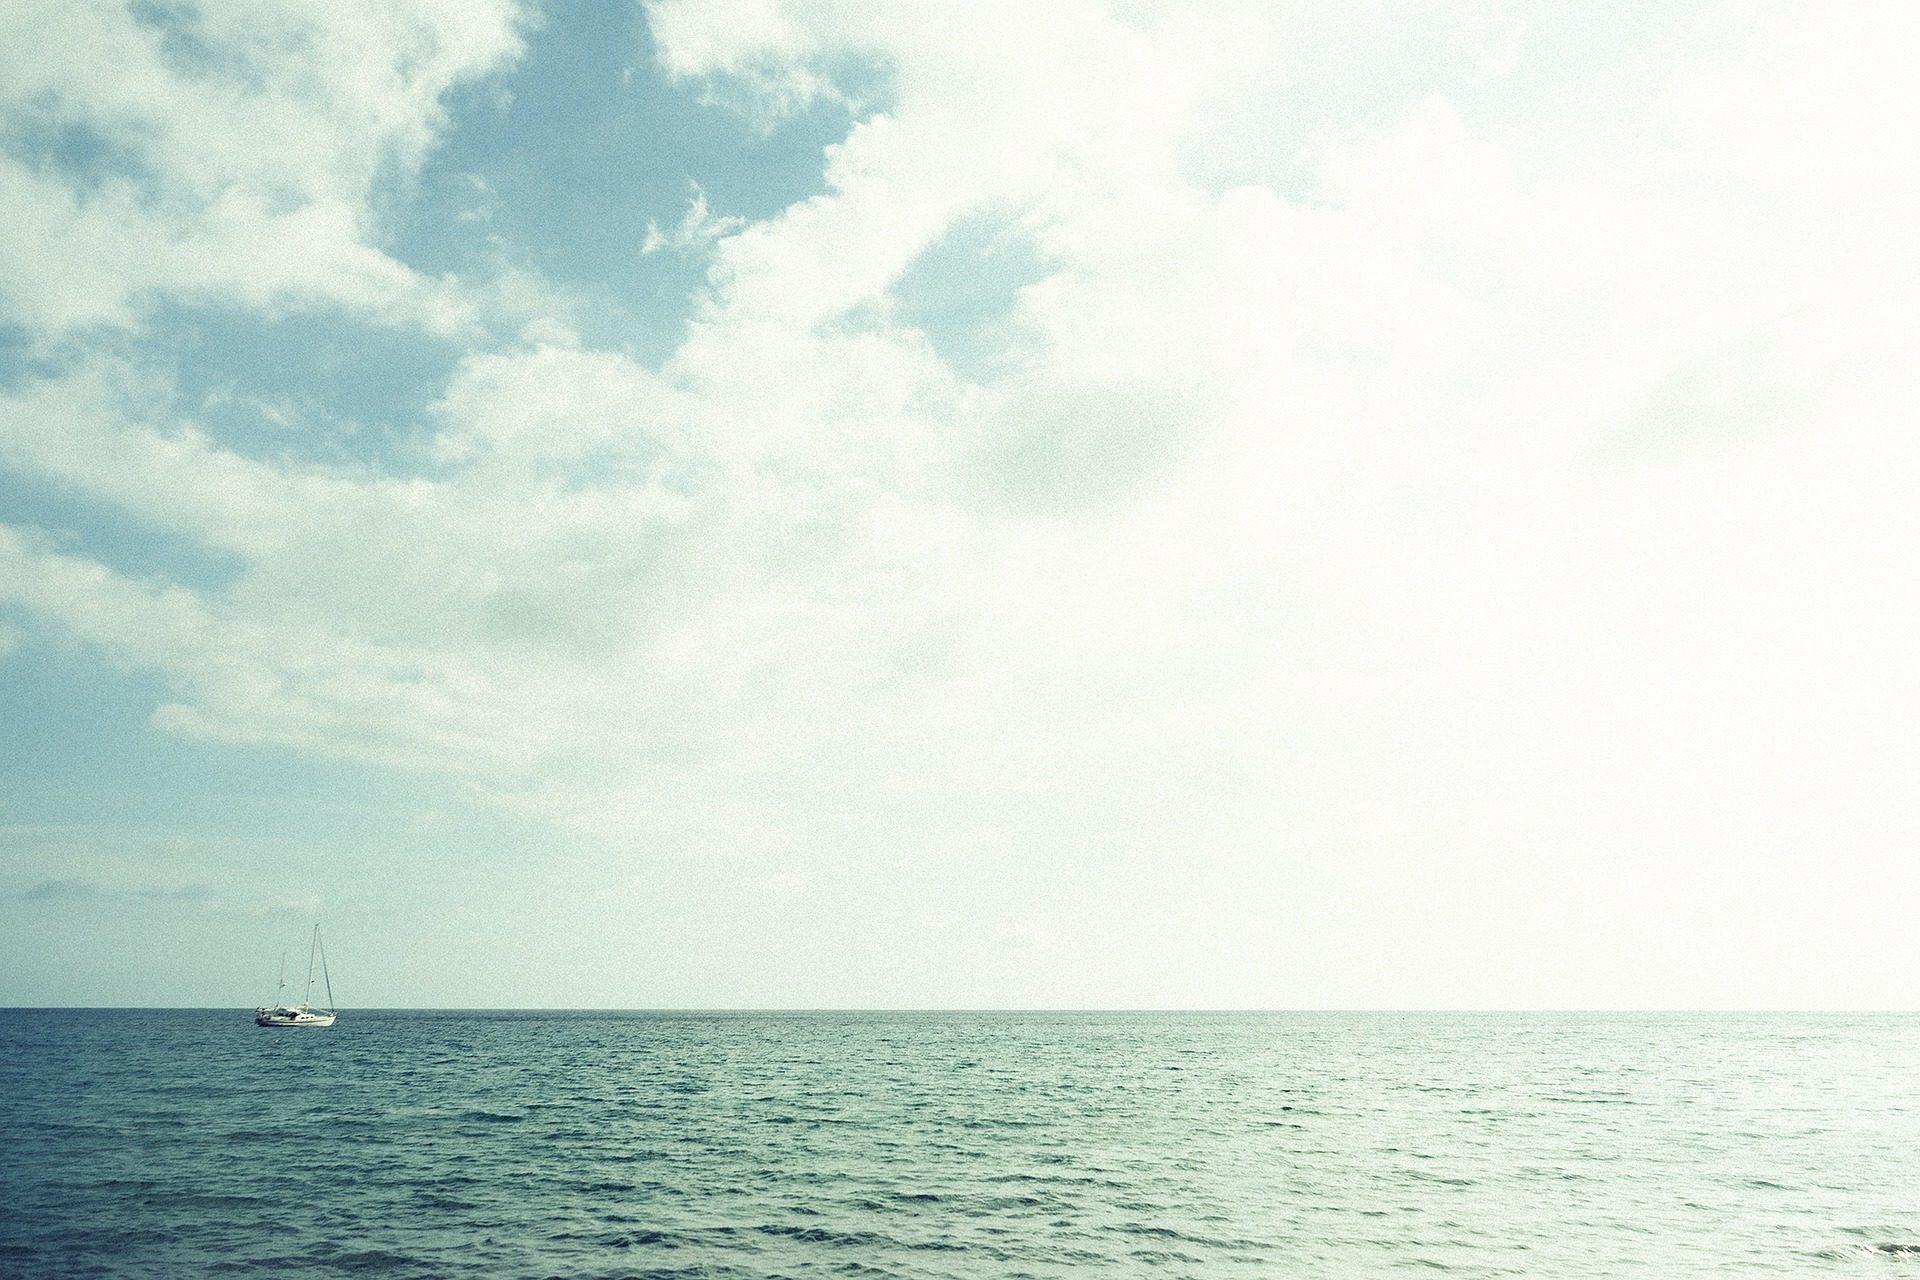 Mer, Océan, horizon, bateau, Sky, nuages - Fonds d'écran HD - Professor-falken.com